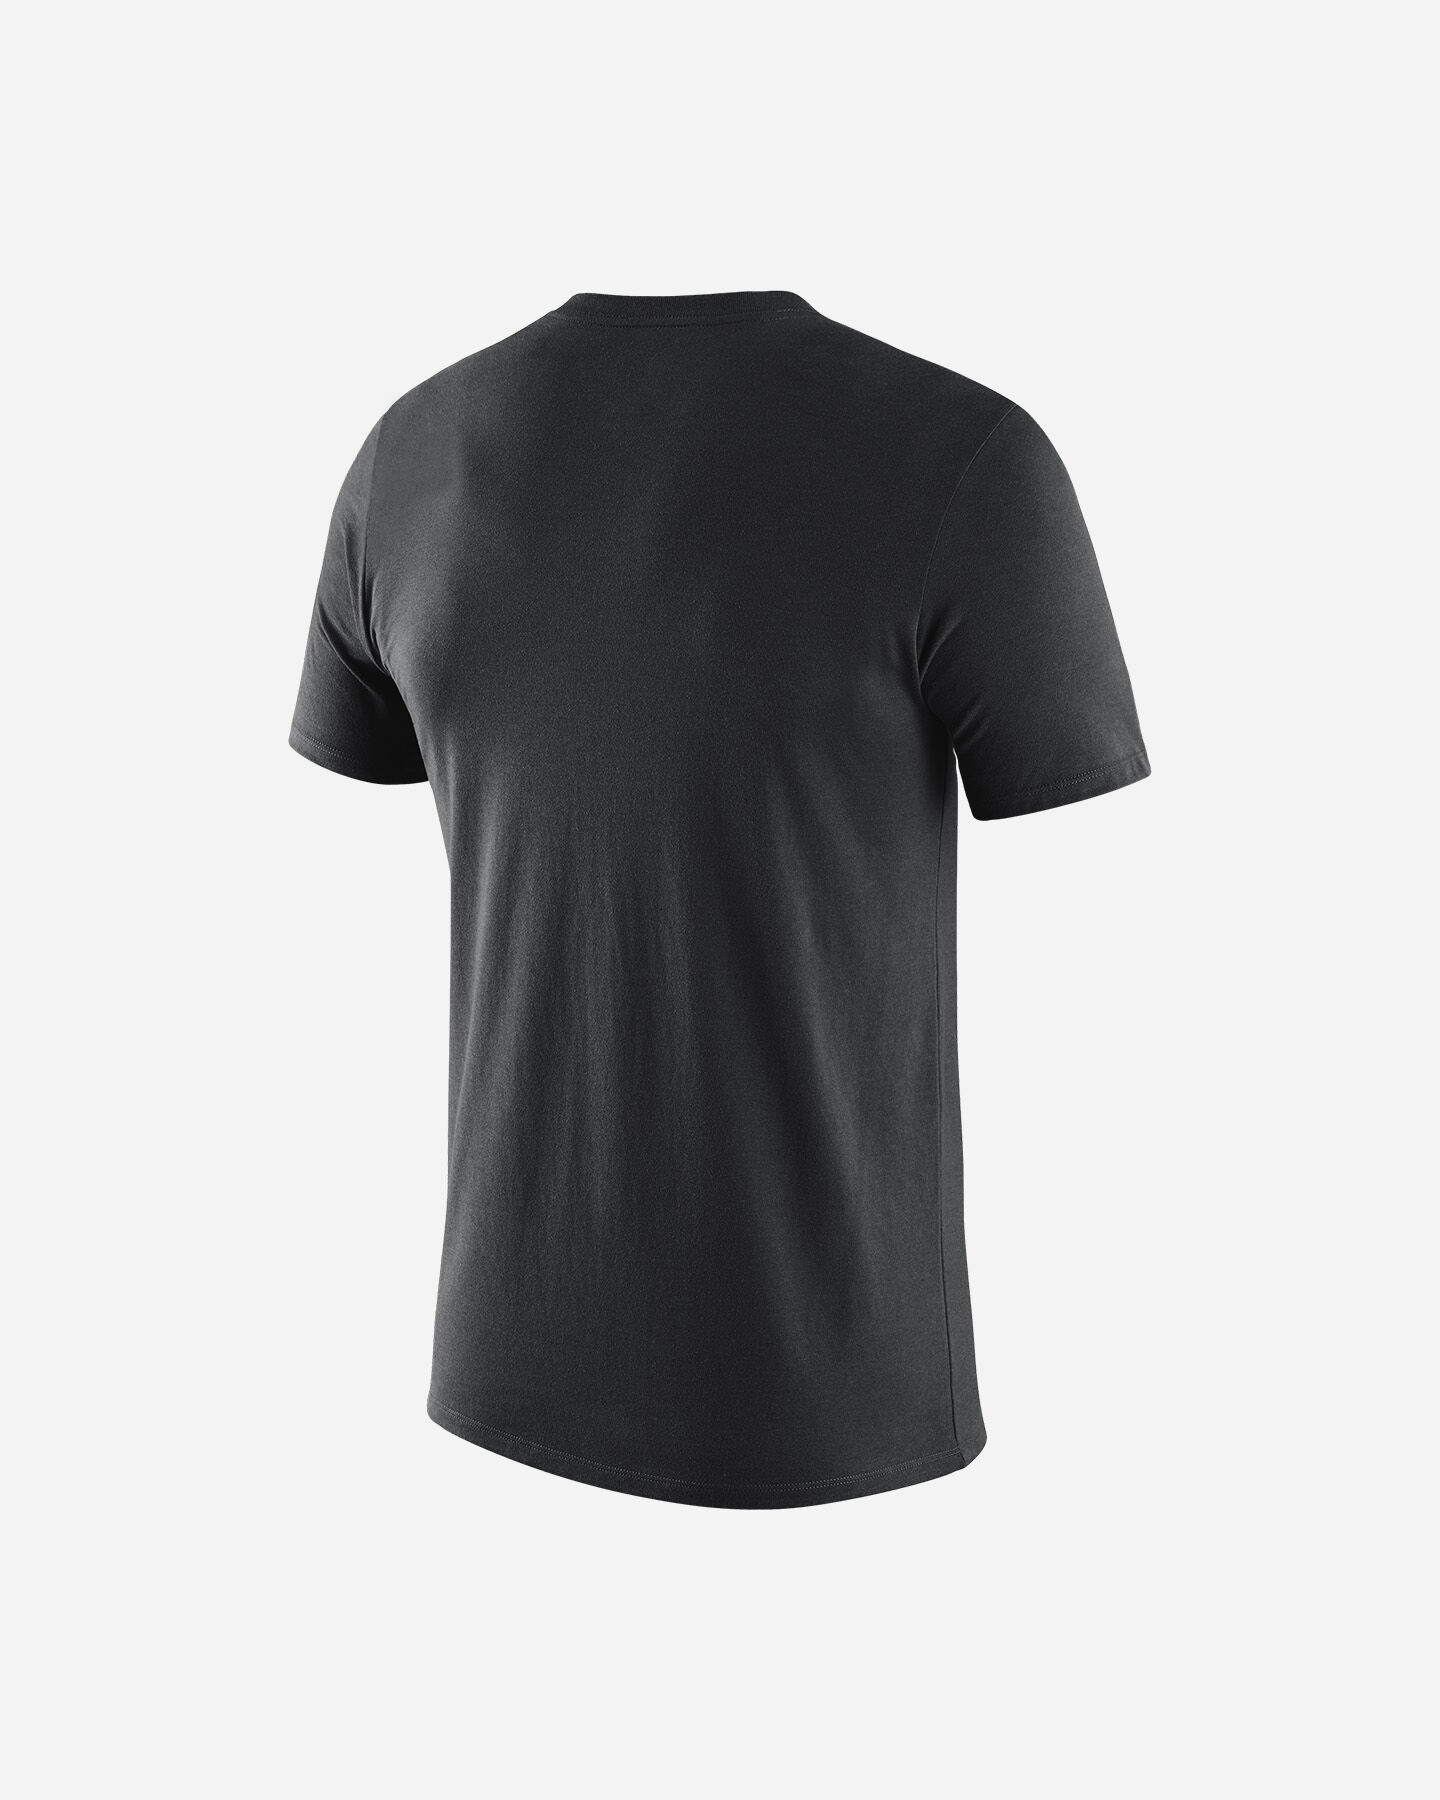 T-Shirt NIKE JORDAN JUMP AIR HBR4 M S5270867 scatto 1